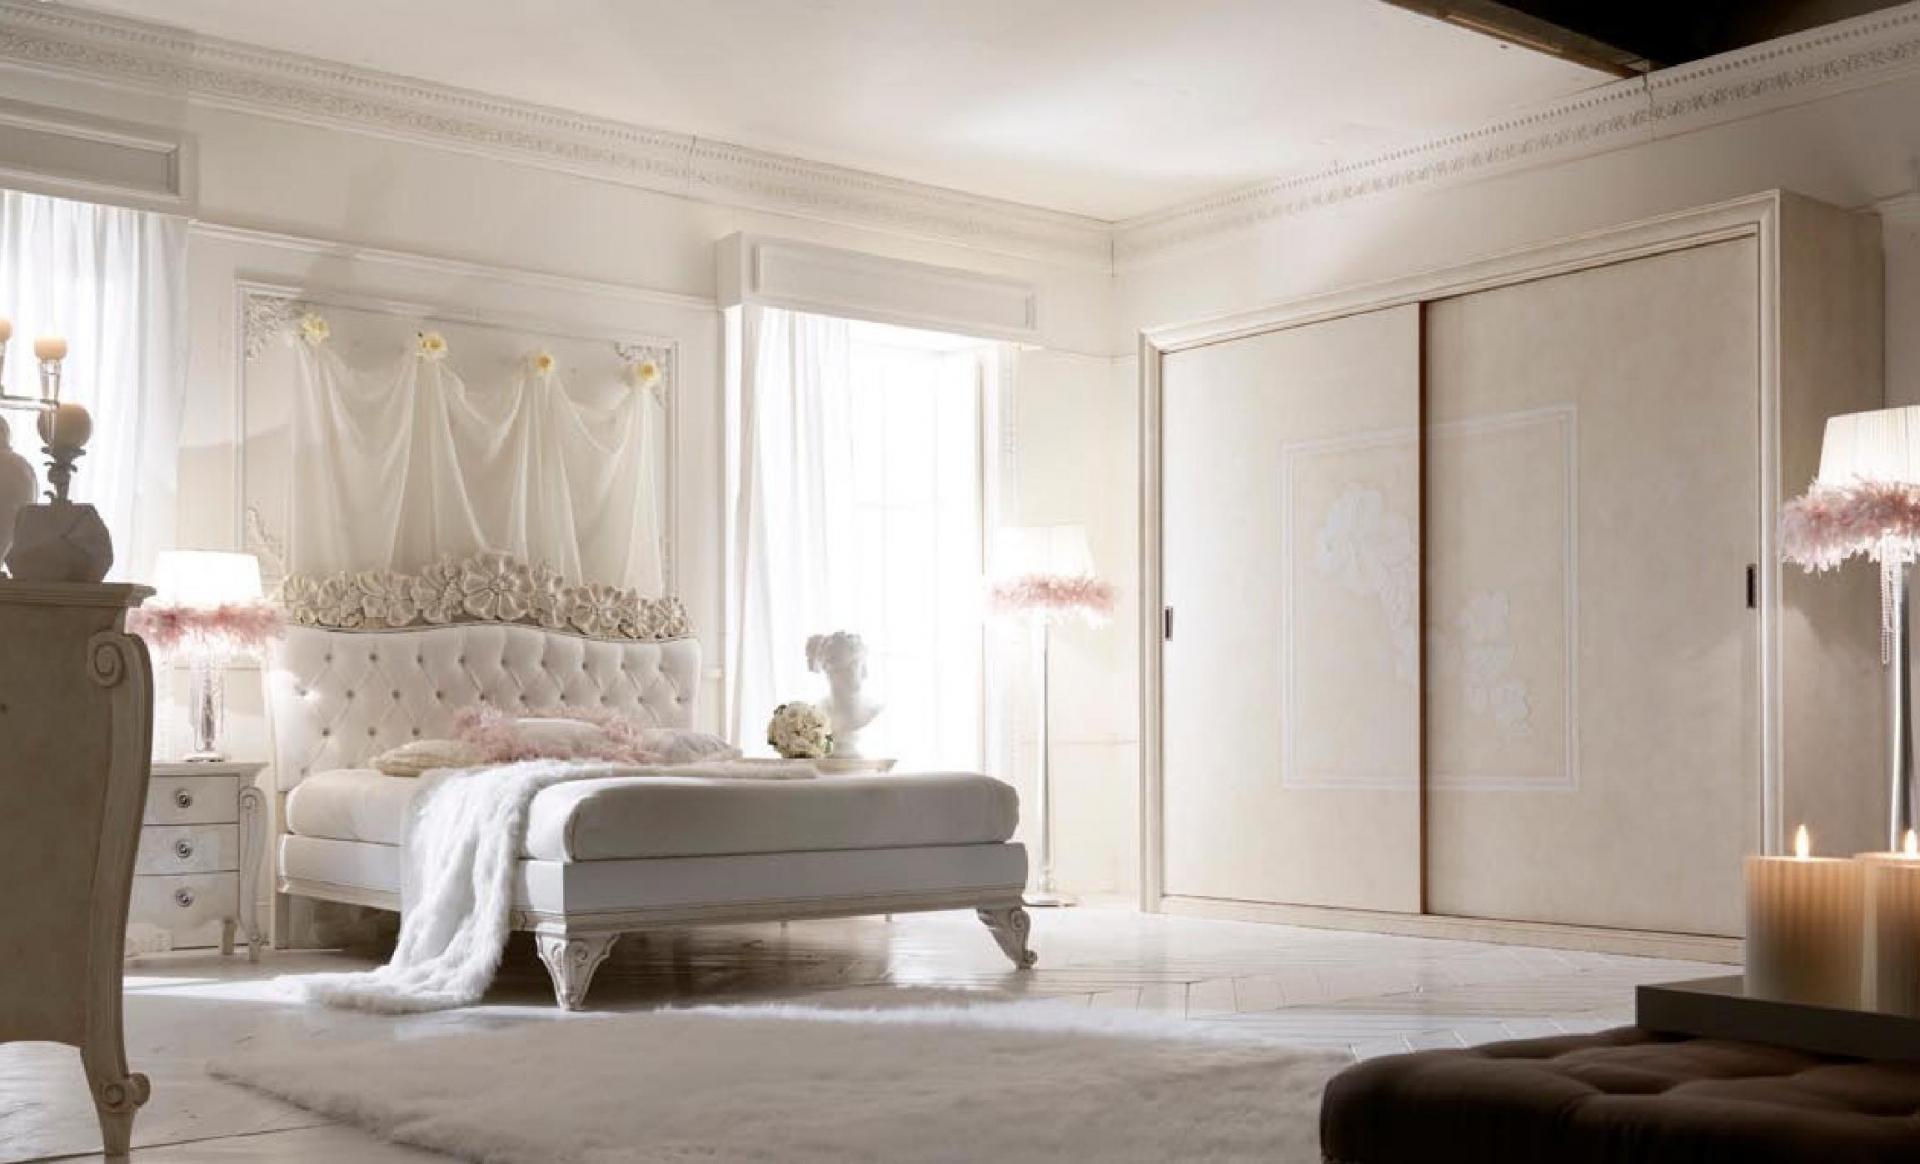 gaišs franču stila koridora dizains